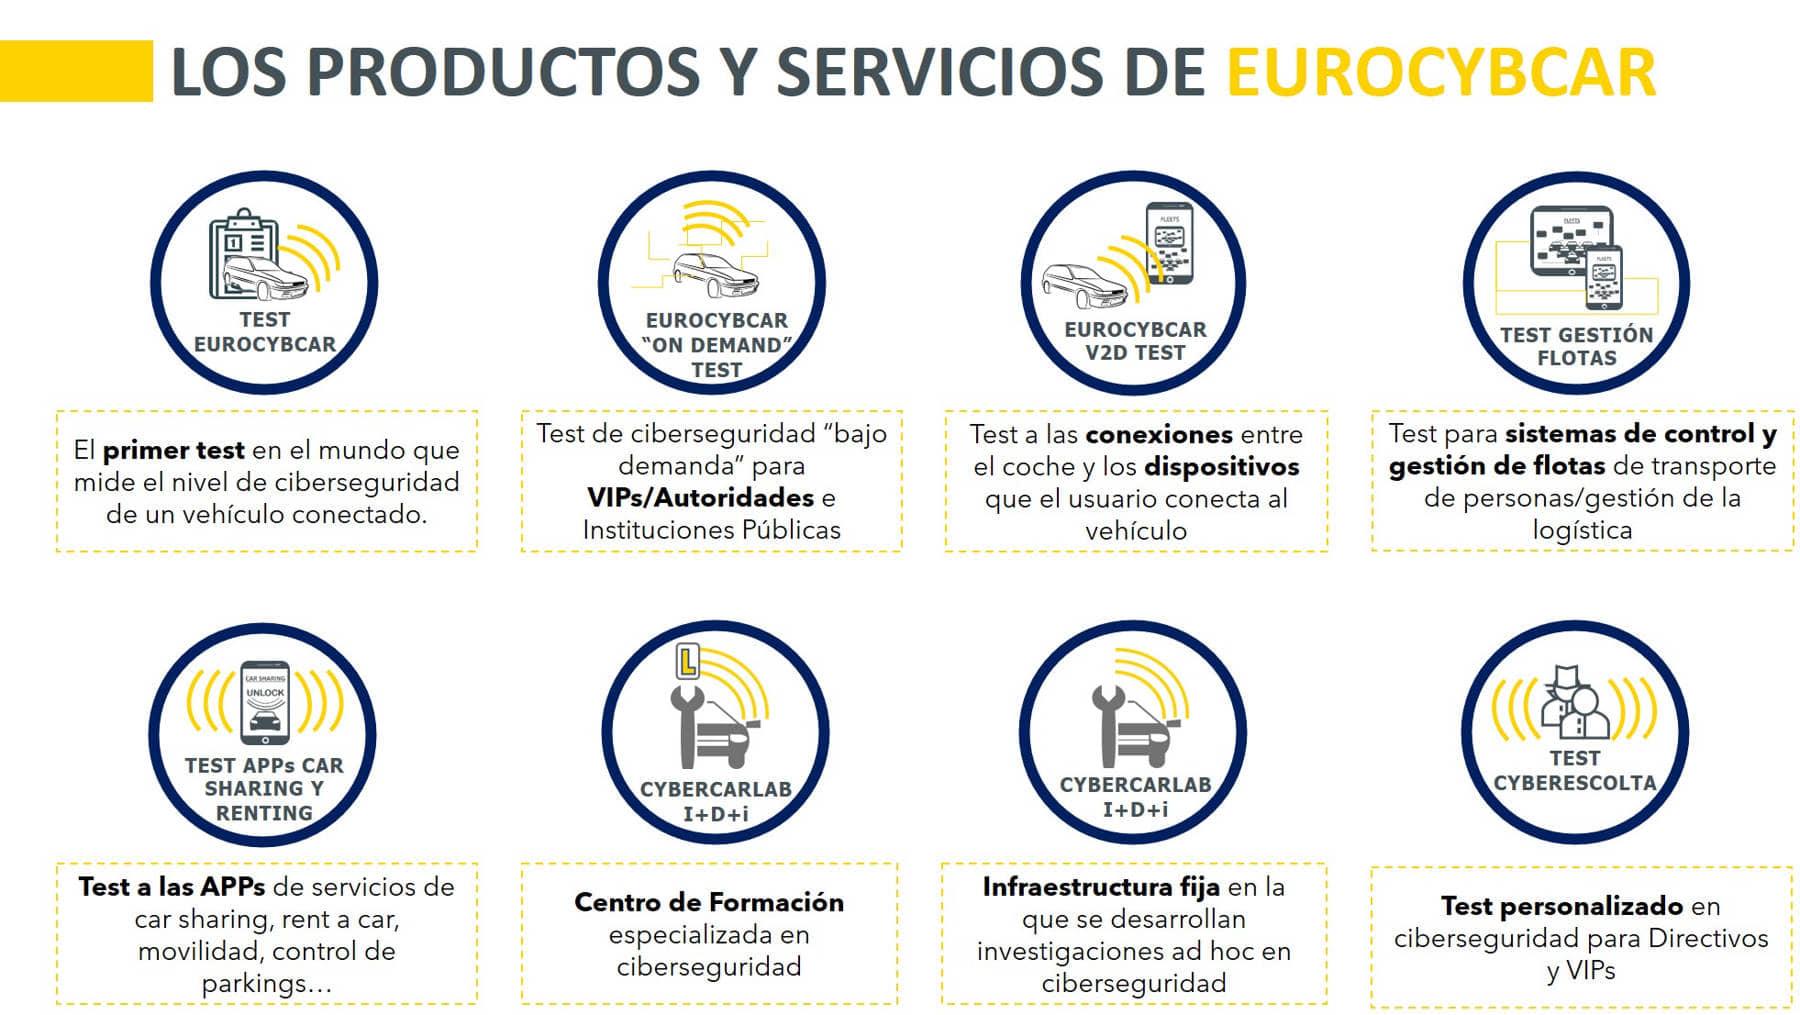 Productos de EUROCYBCAR